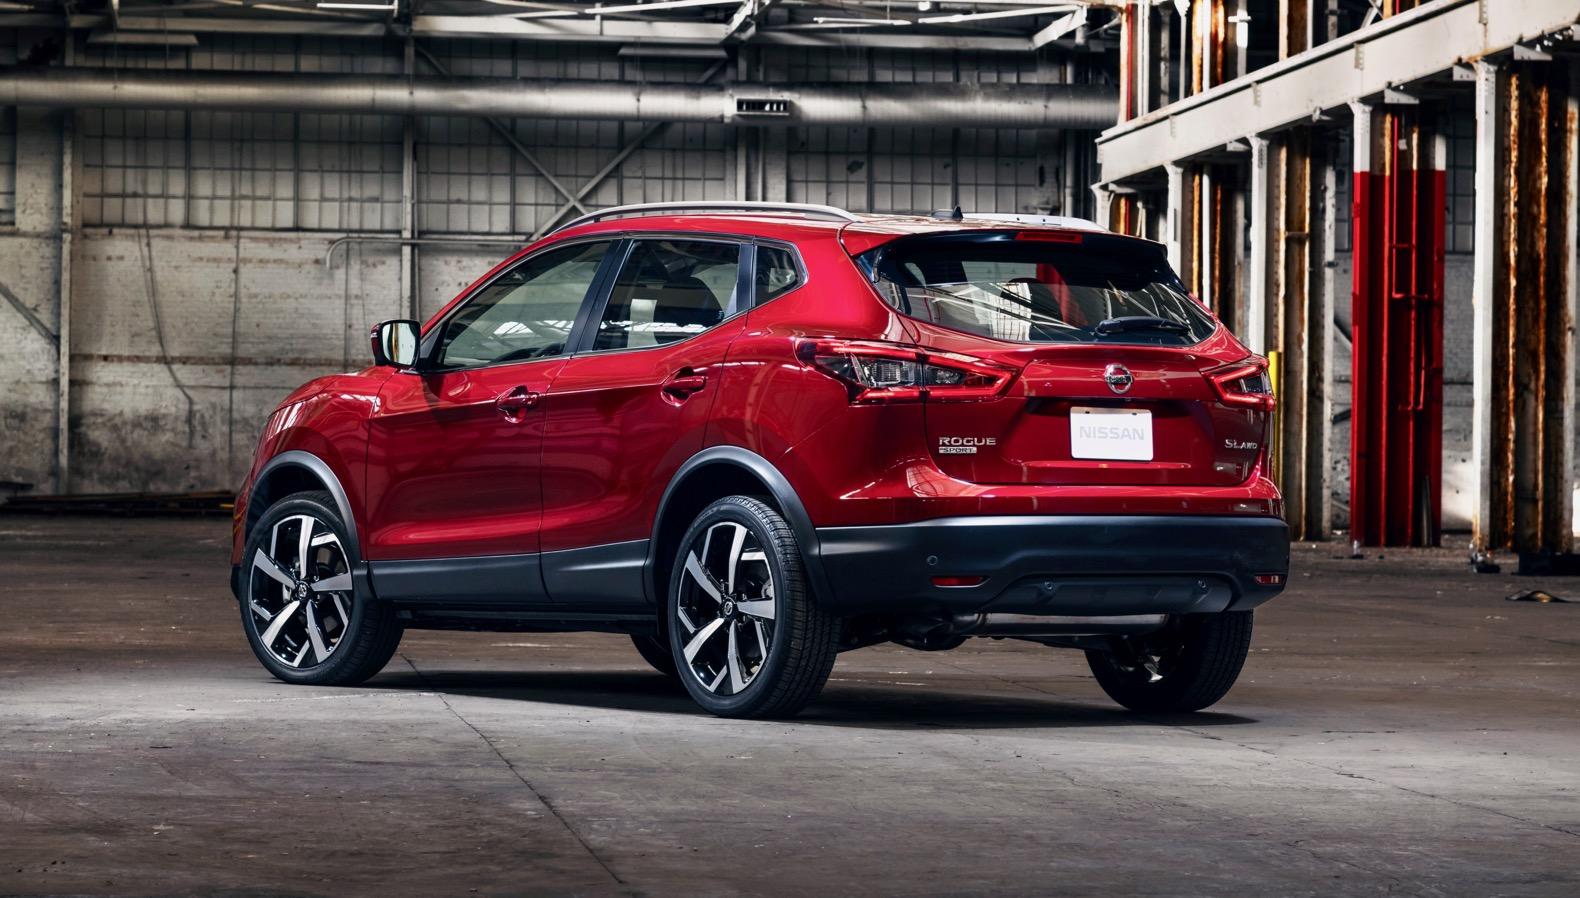 2020 Nissan Roque Sport: Refresh, Standard Safety Equipment, Release >> 2020 Nissan Rogue Sport Gets A Refresh The Torque Report